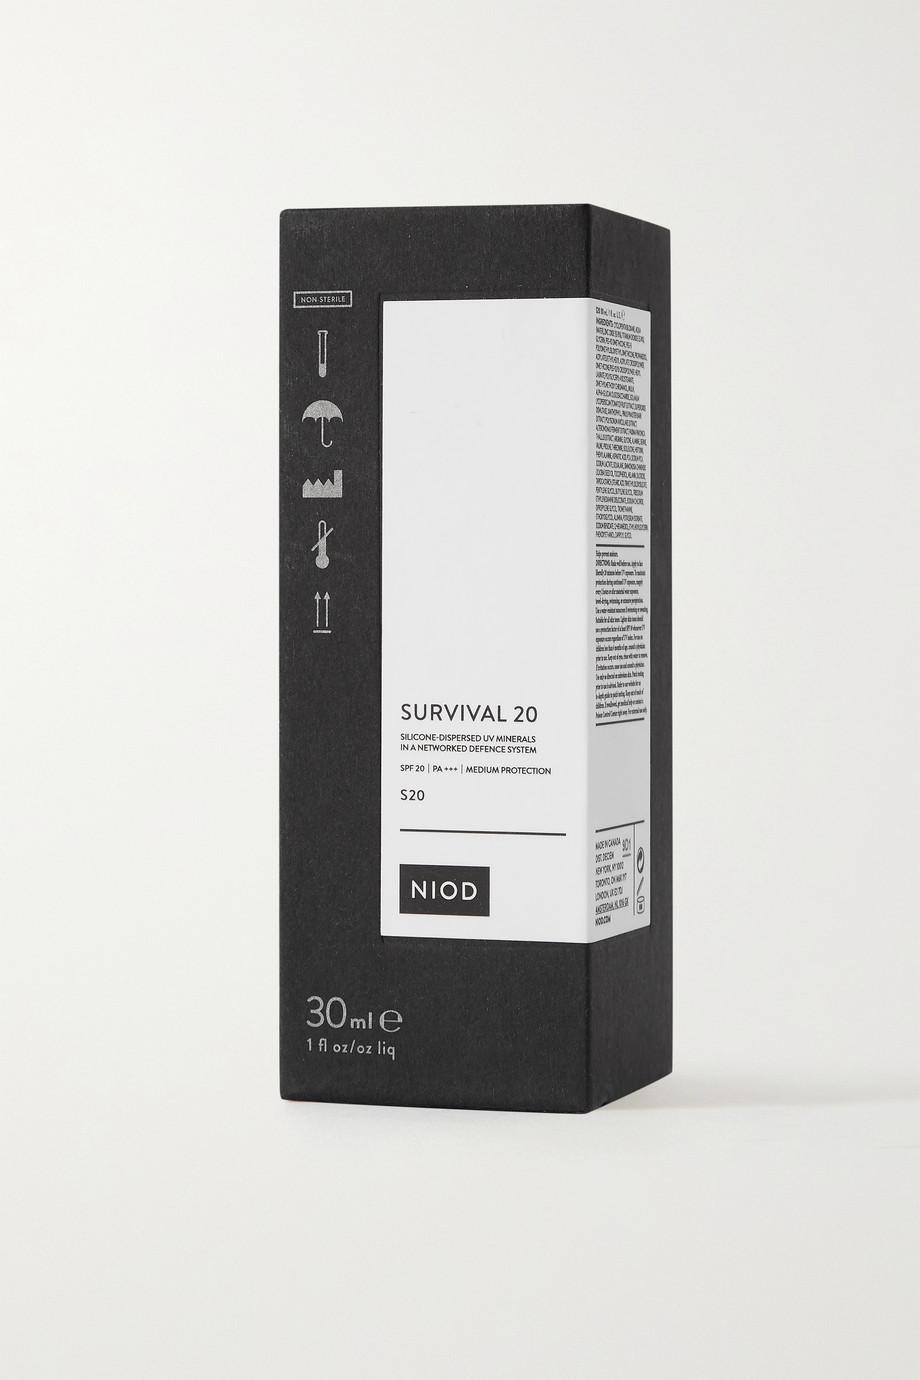 NIOD Survival 20, 30ml